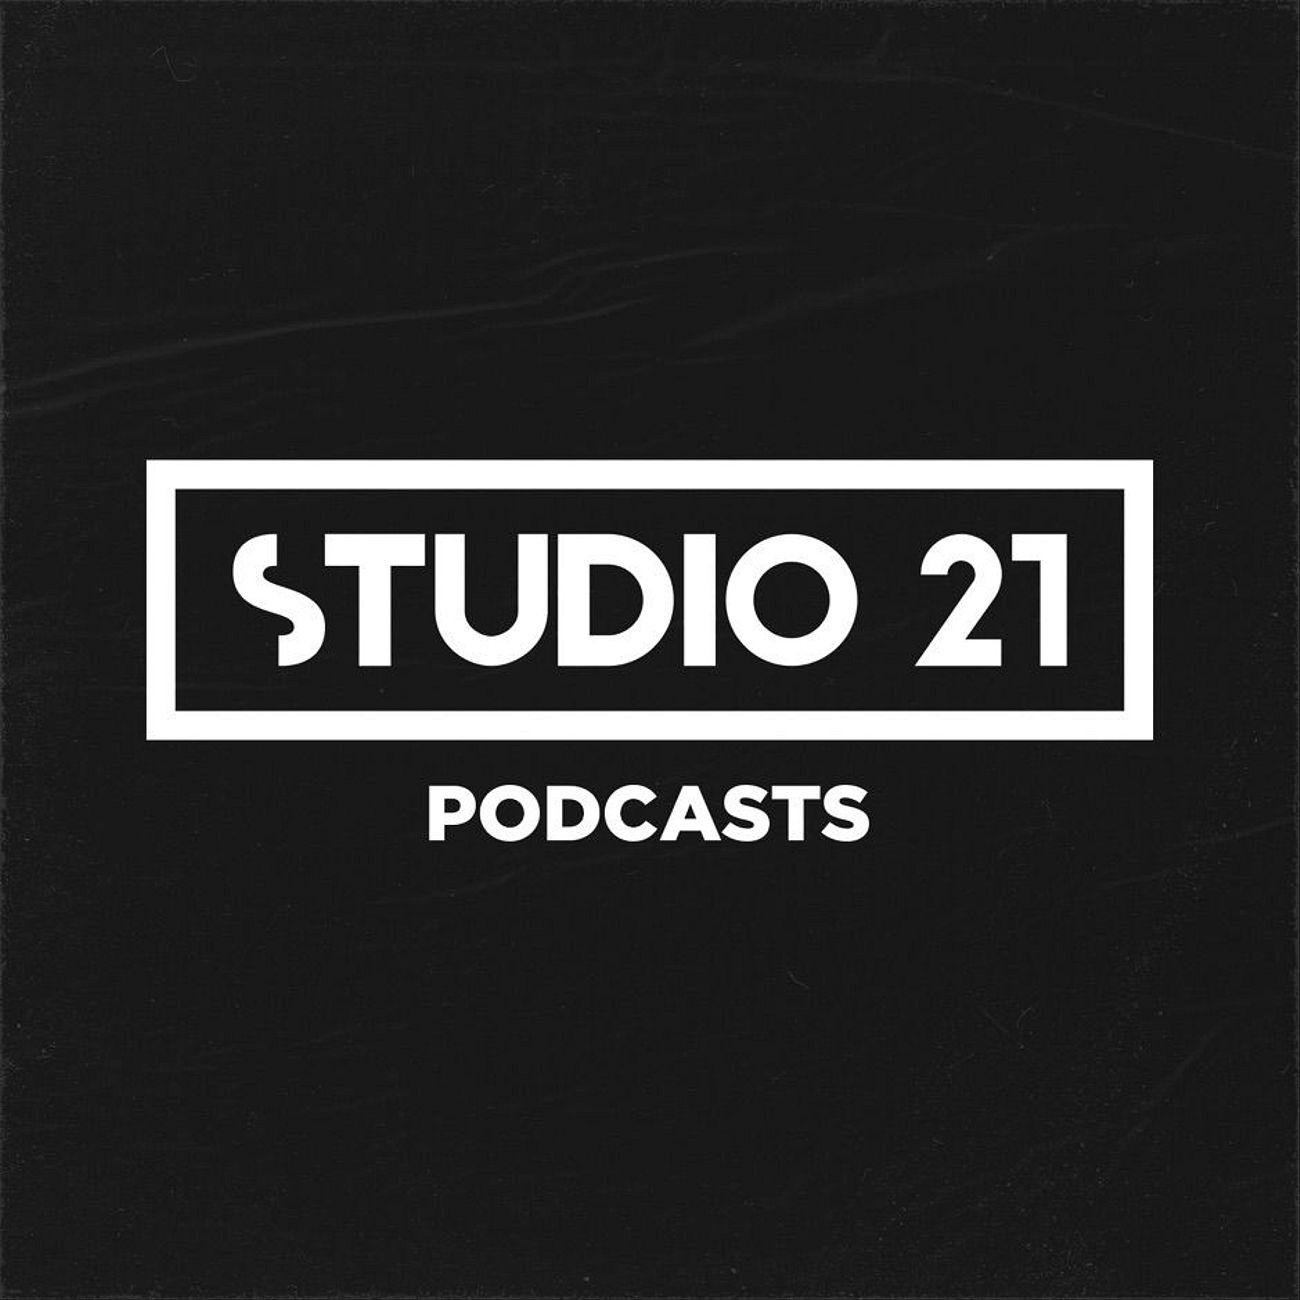 STUDIO 21 Podcasts